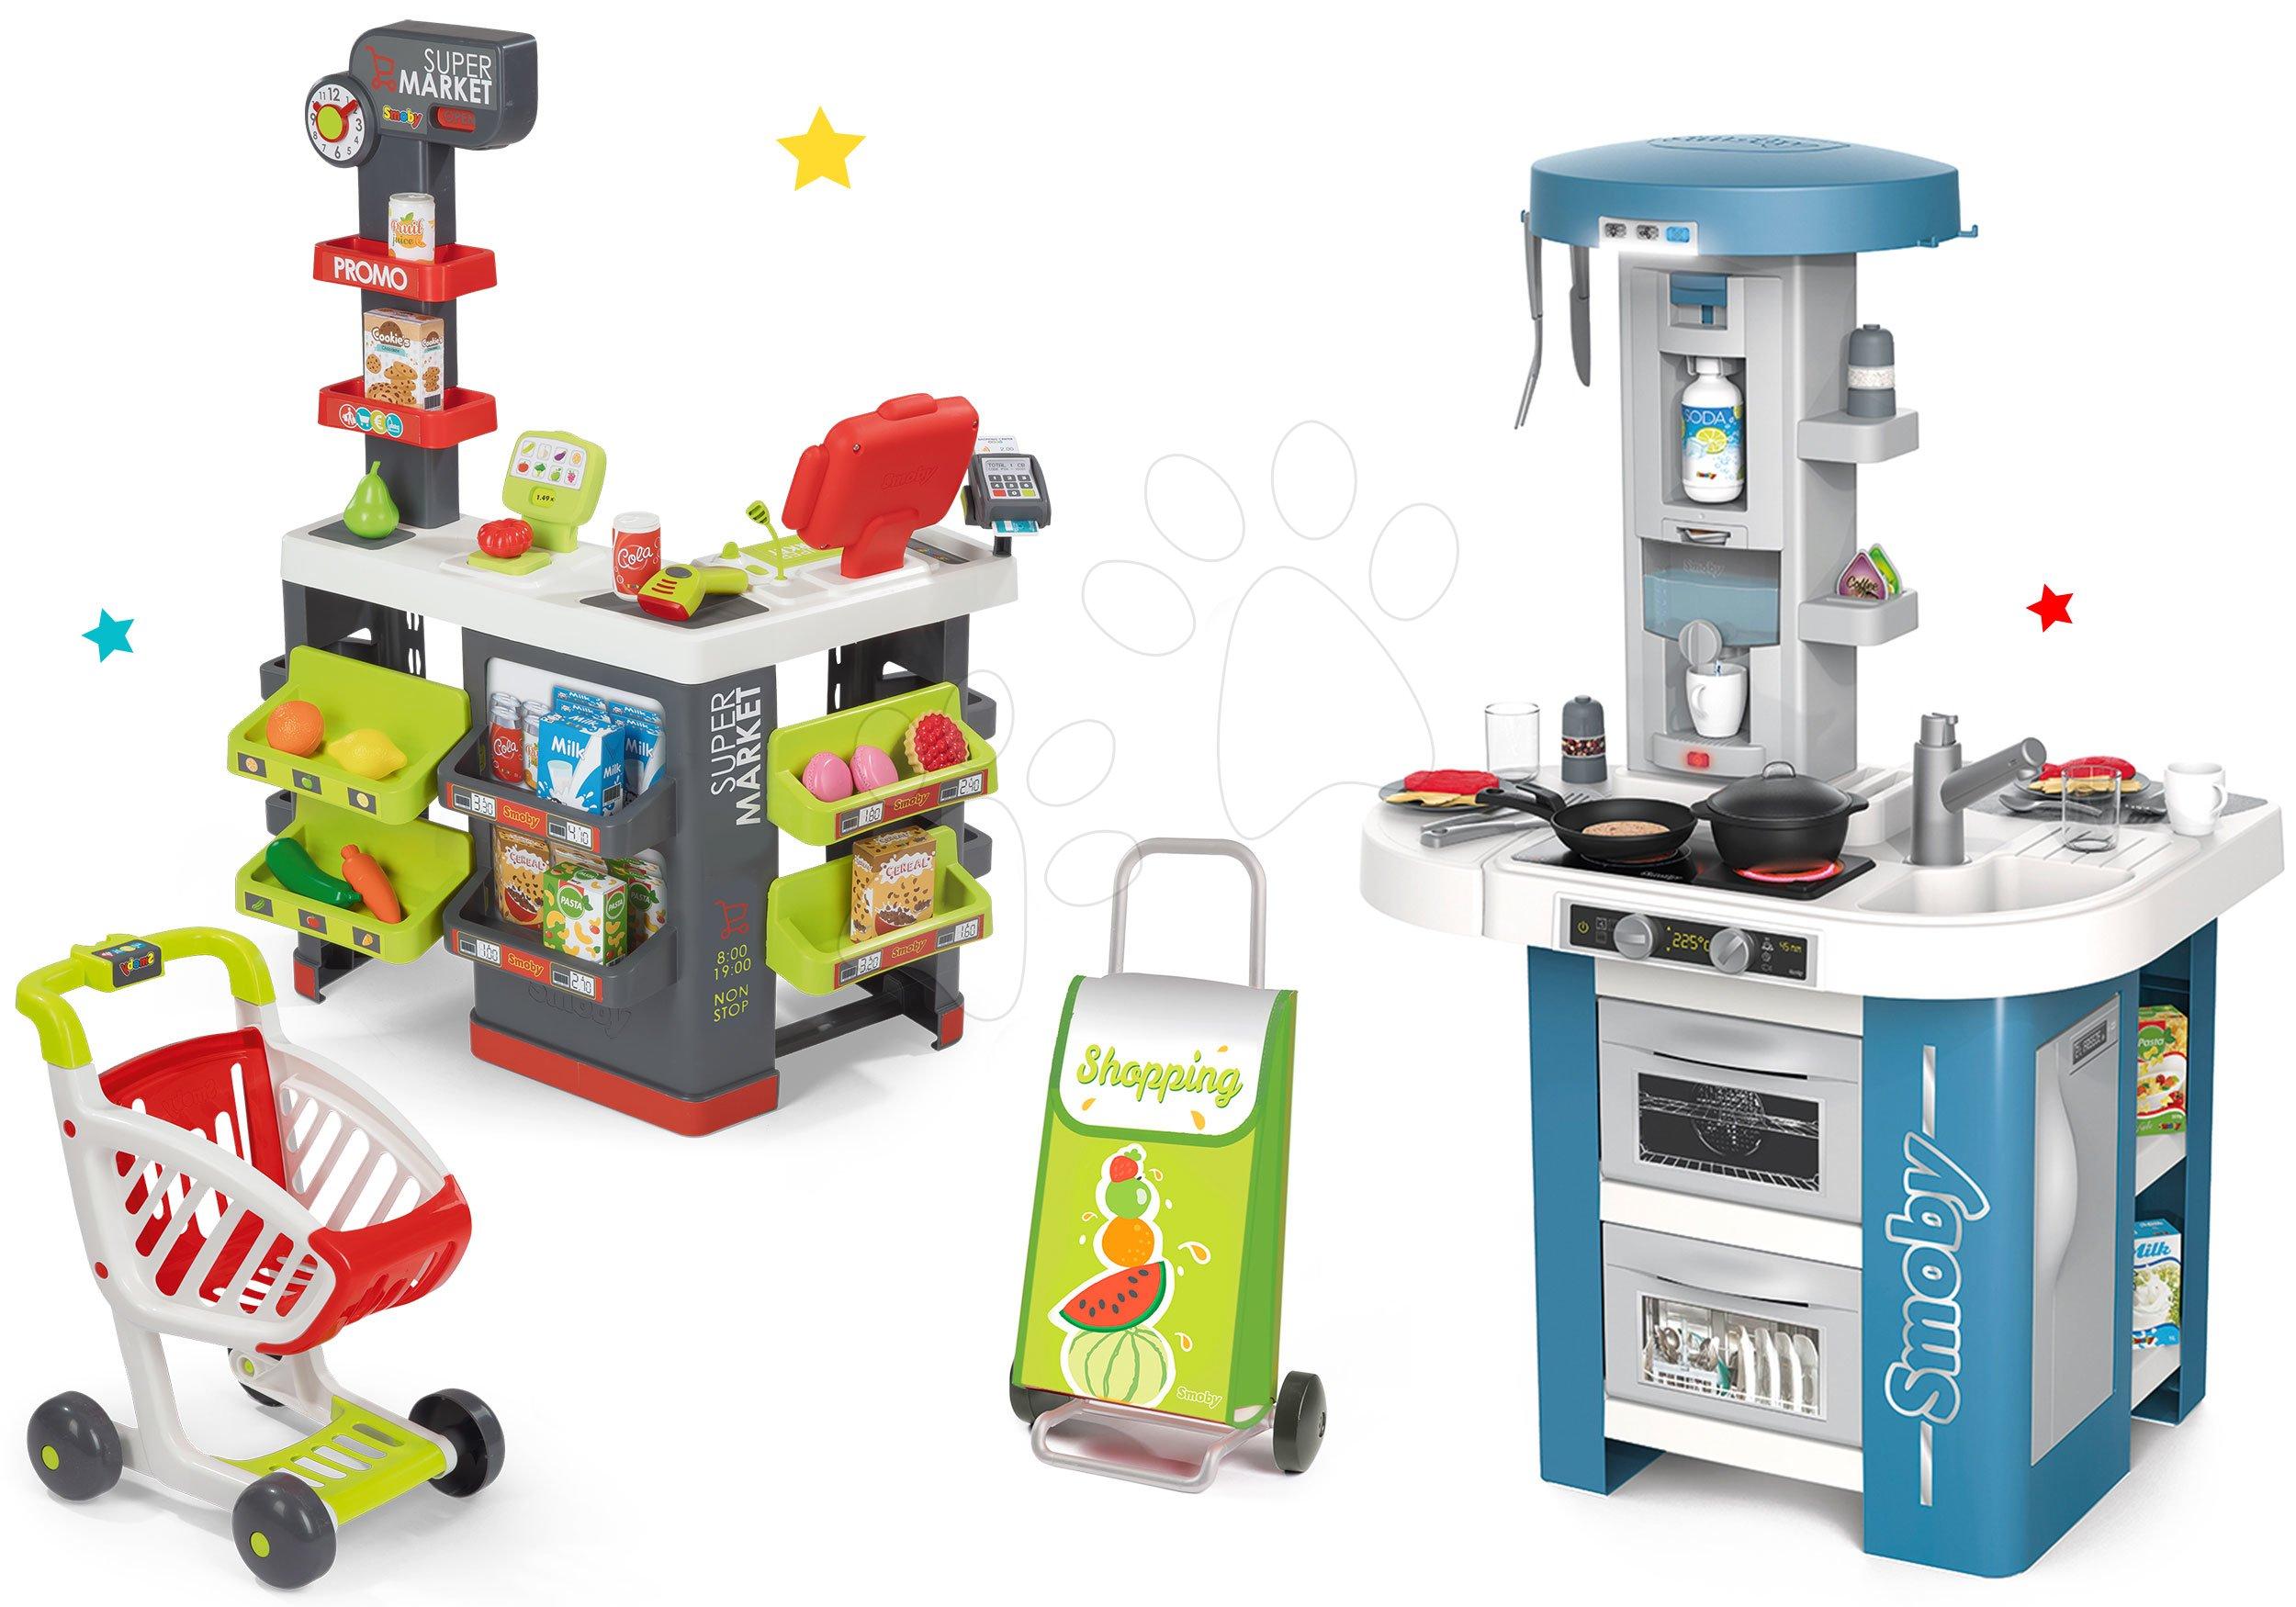 Set kuchyňka s technickým vybavením Tech Edition Smoby elektronická se supermarketem a nákupní vozík s taškou